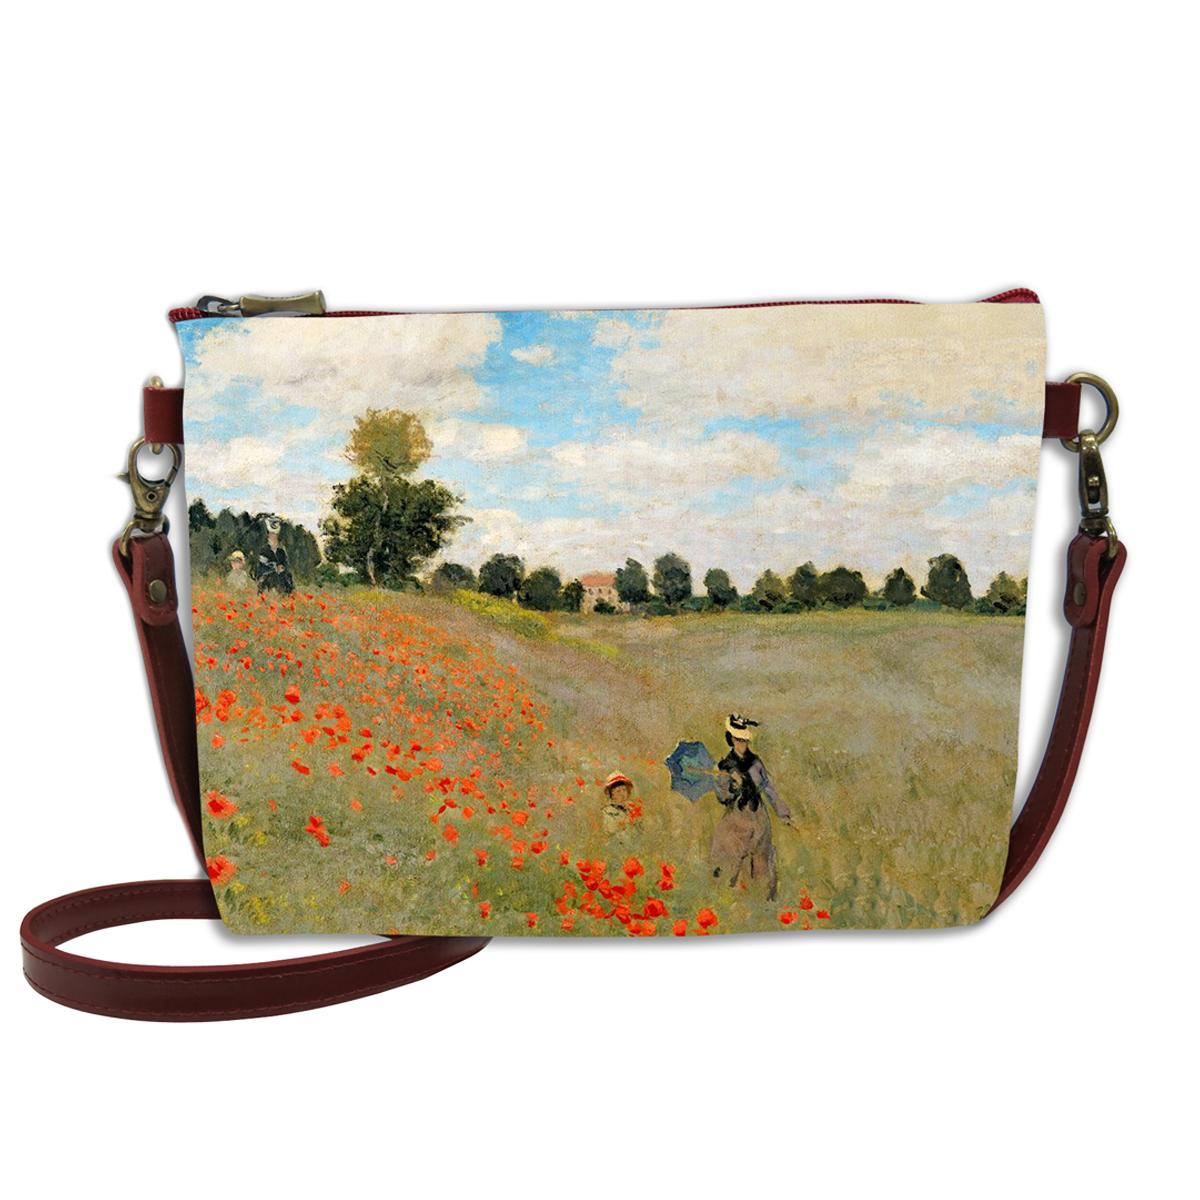 Sac bandoulière artisanal \'Claude Monet\' (les Coquelicots)  - 24x18 cm - [Q6665]